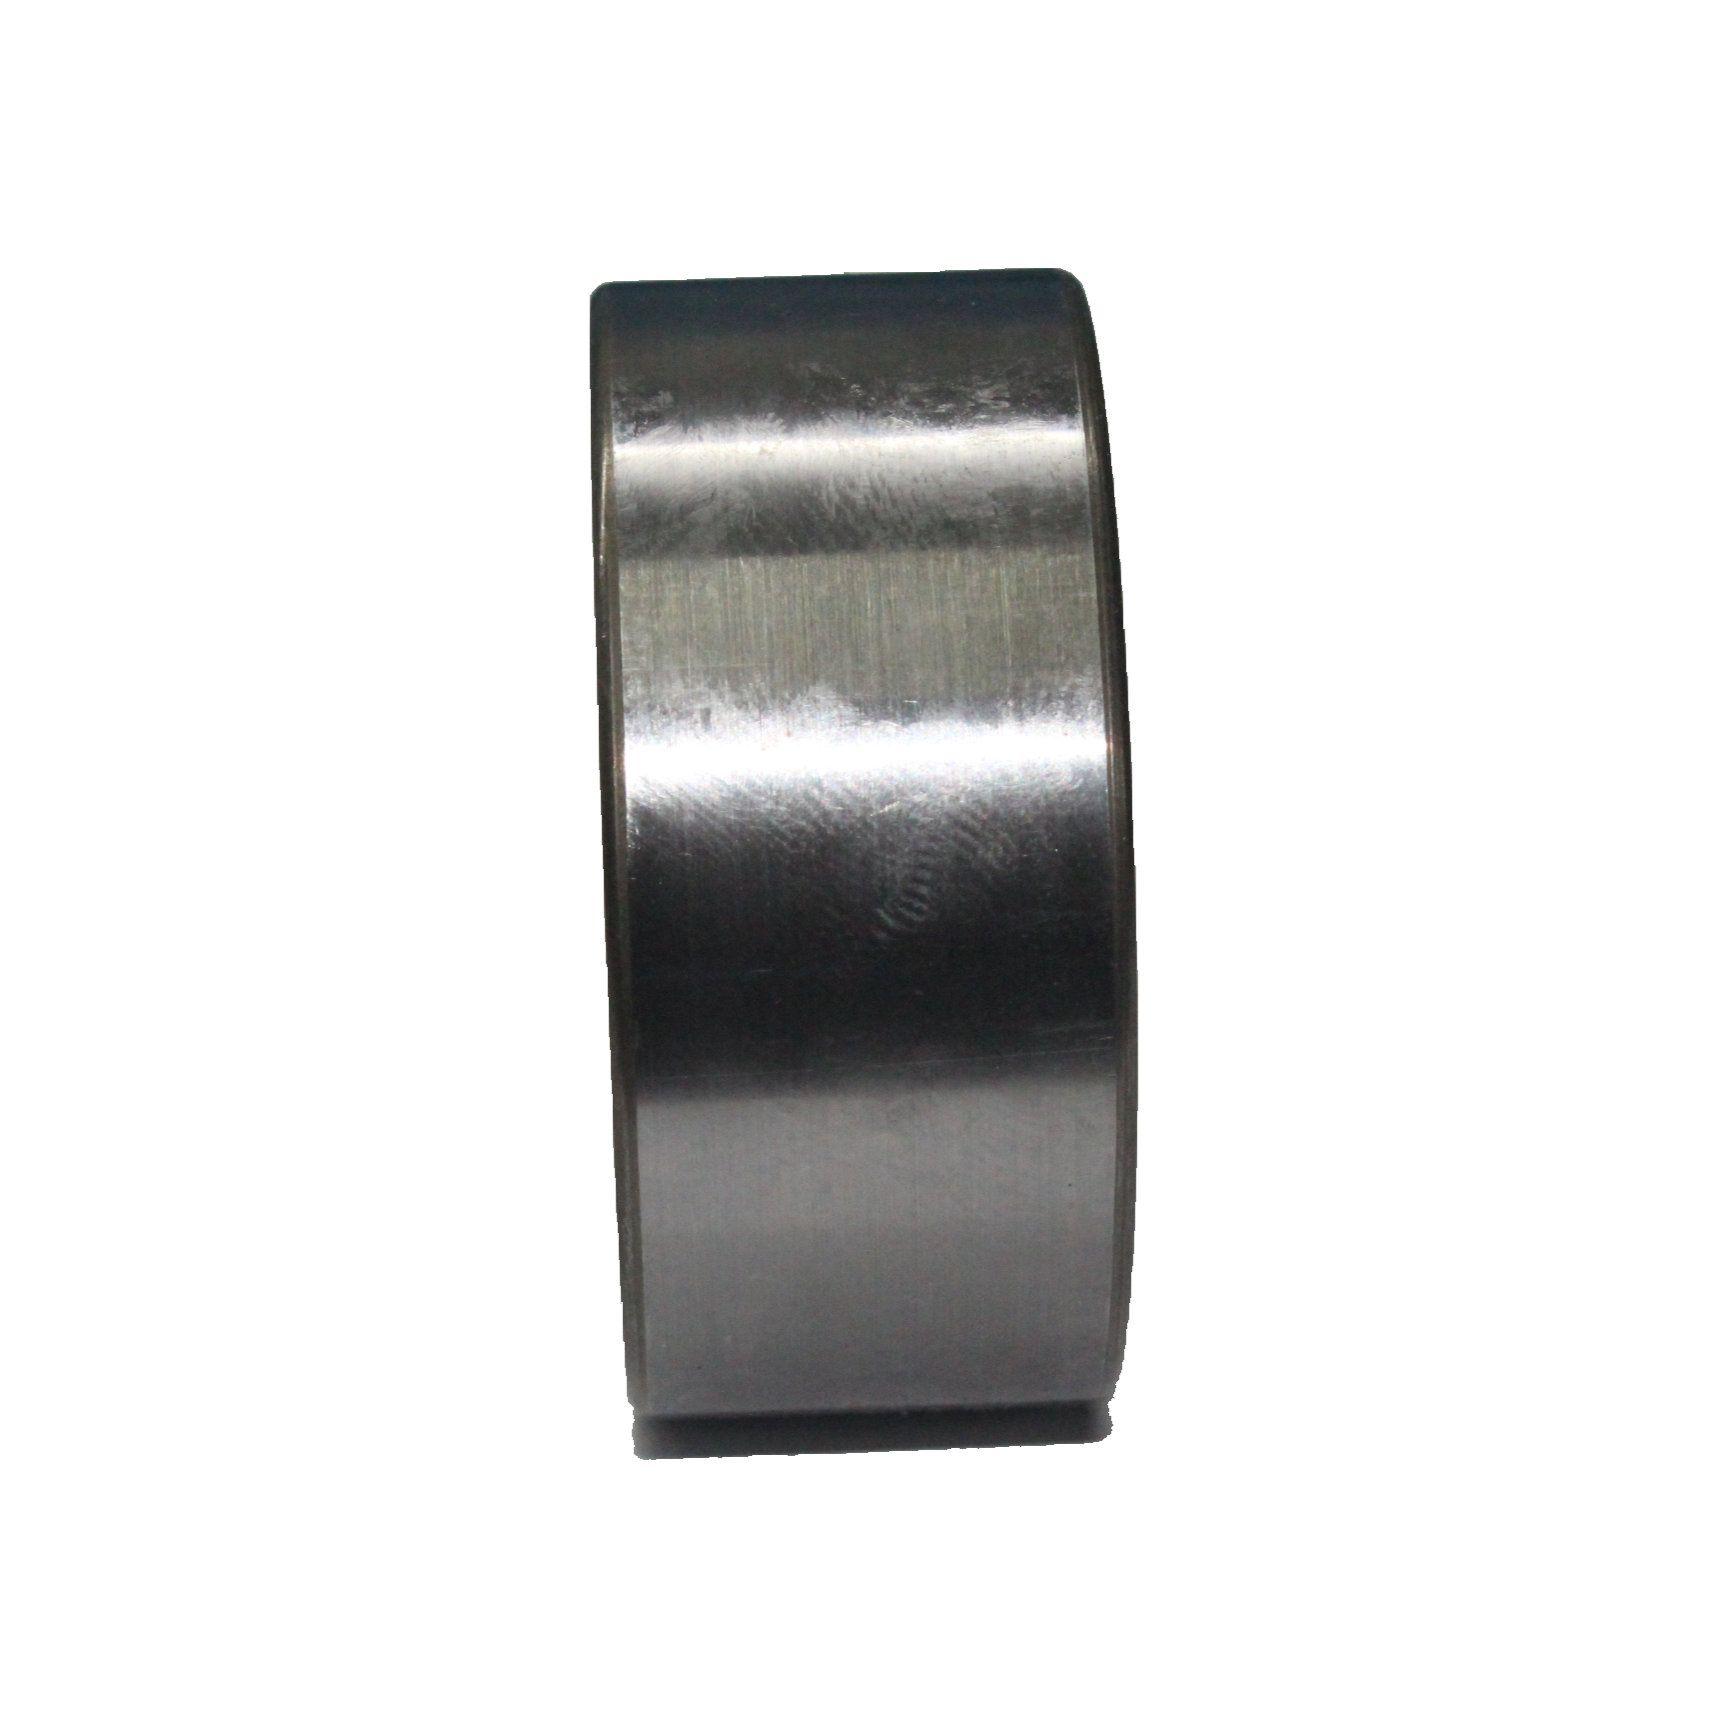 Rolamento Da Polia Compressor Denso Parati, Polo, Zafira (35 X 52 X 22)